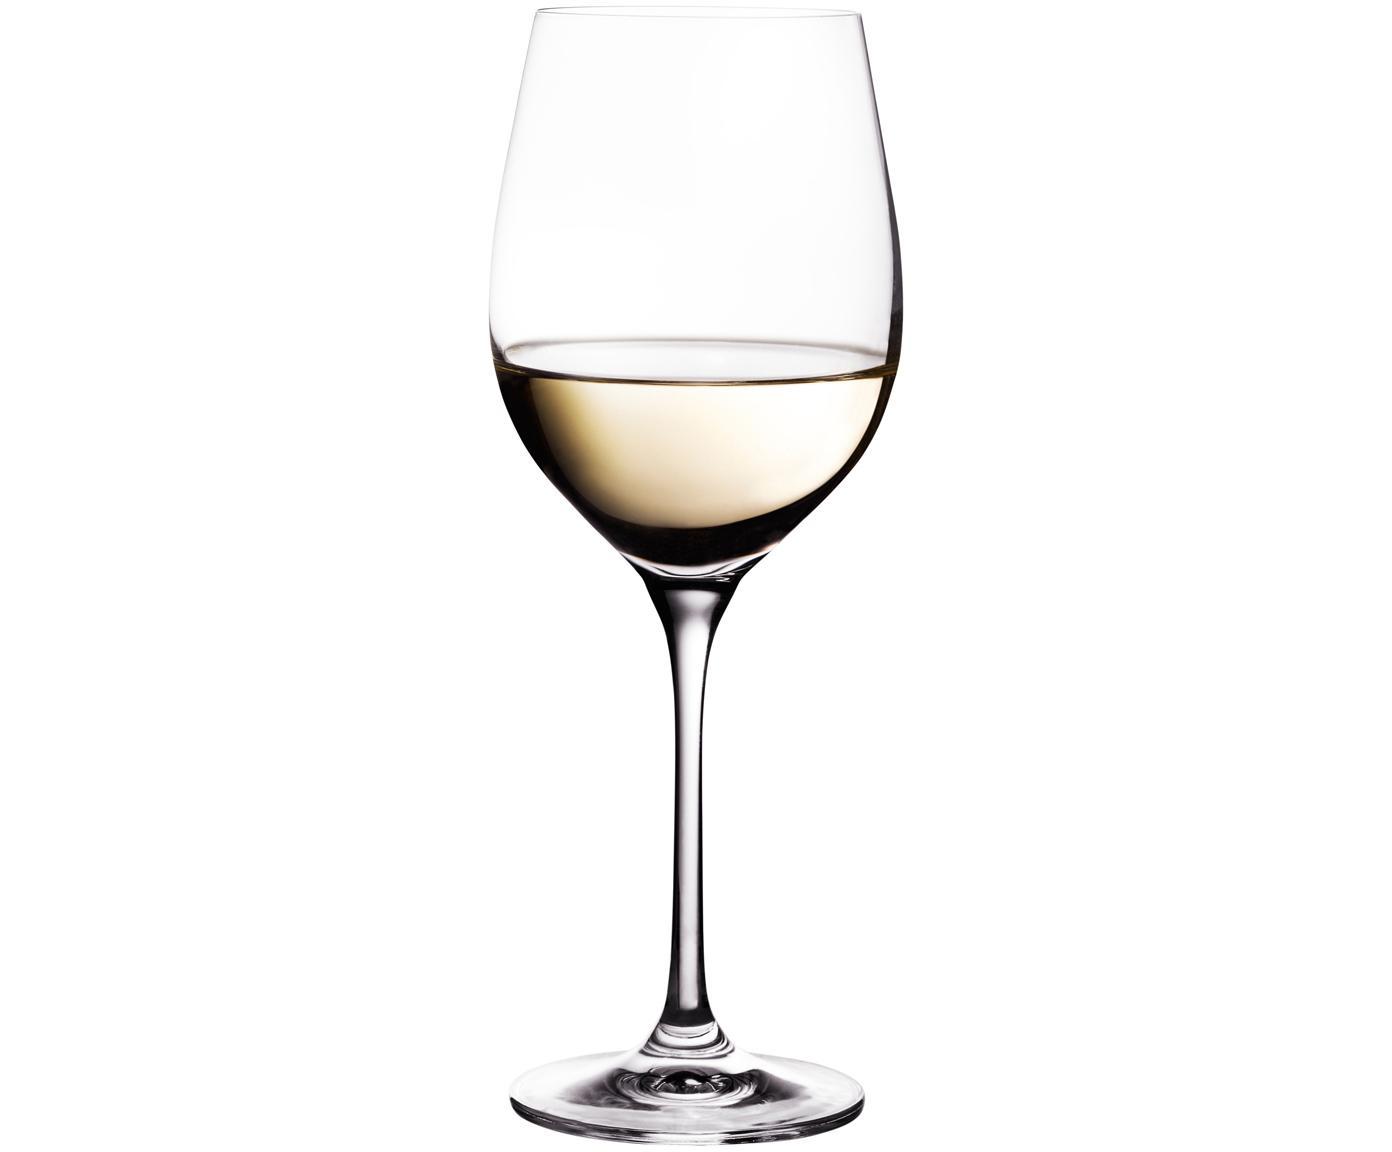 Kristallen witte wijnglazen Harmony, 6 stuks, Edele glans - het kristalglas breekt het licht en dit creëert een sprankelend effect, waardoor elk wijnglas als  een bijzonder moment kan worden ervaren., Transparant, 390 ml